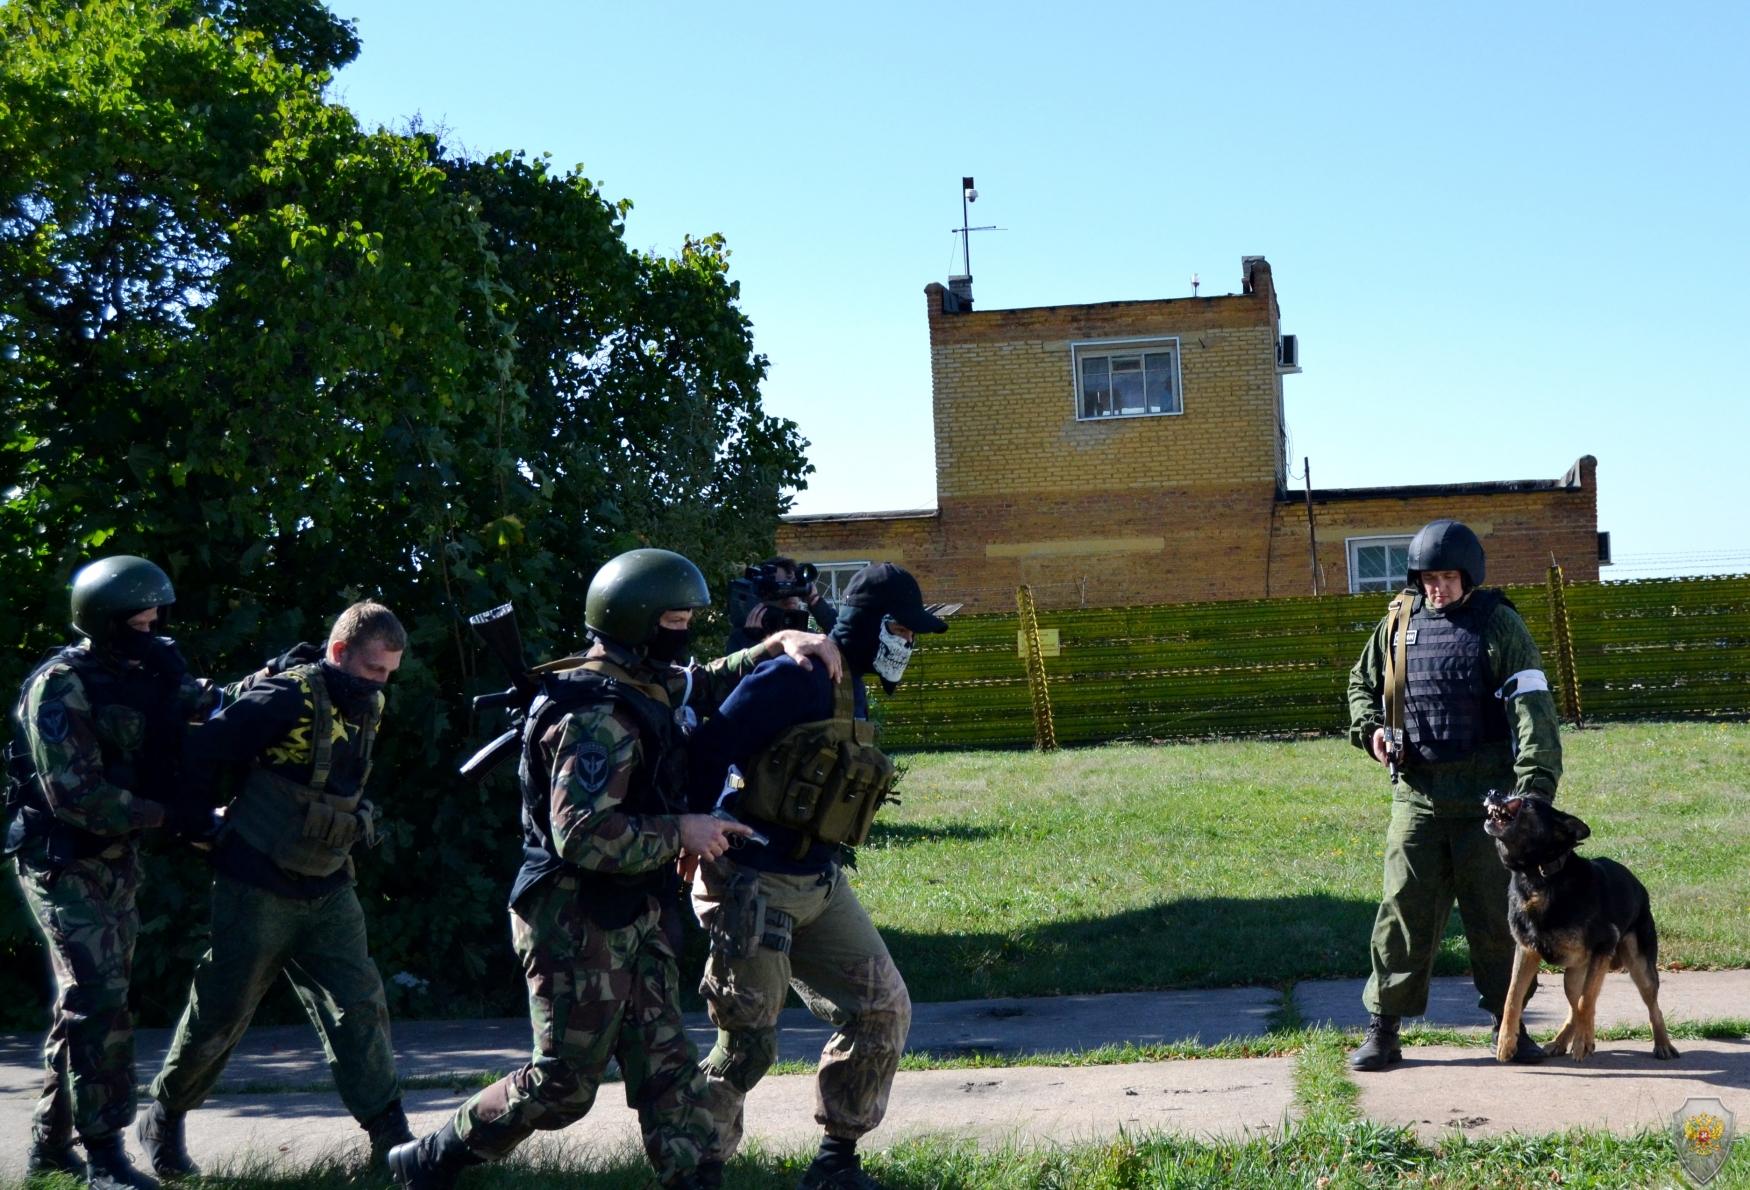 Передача «задержанных лиц» группе конвоирования.